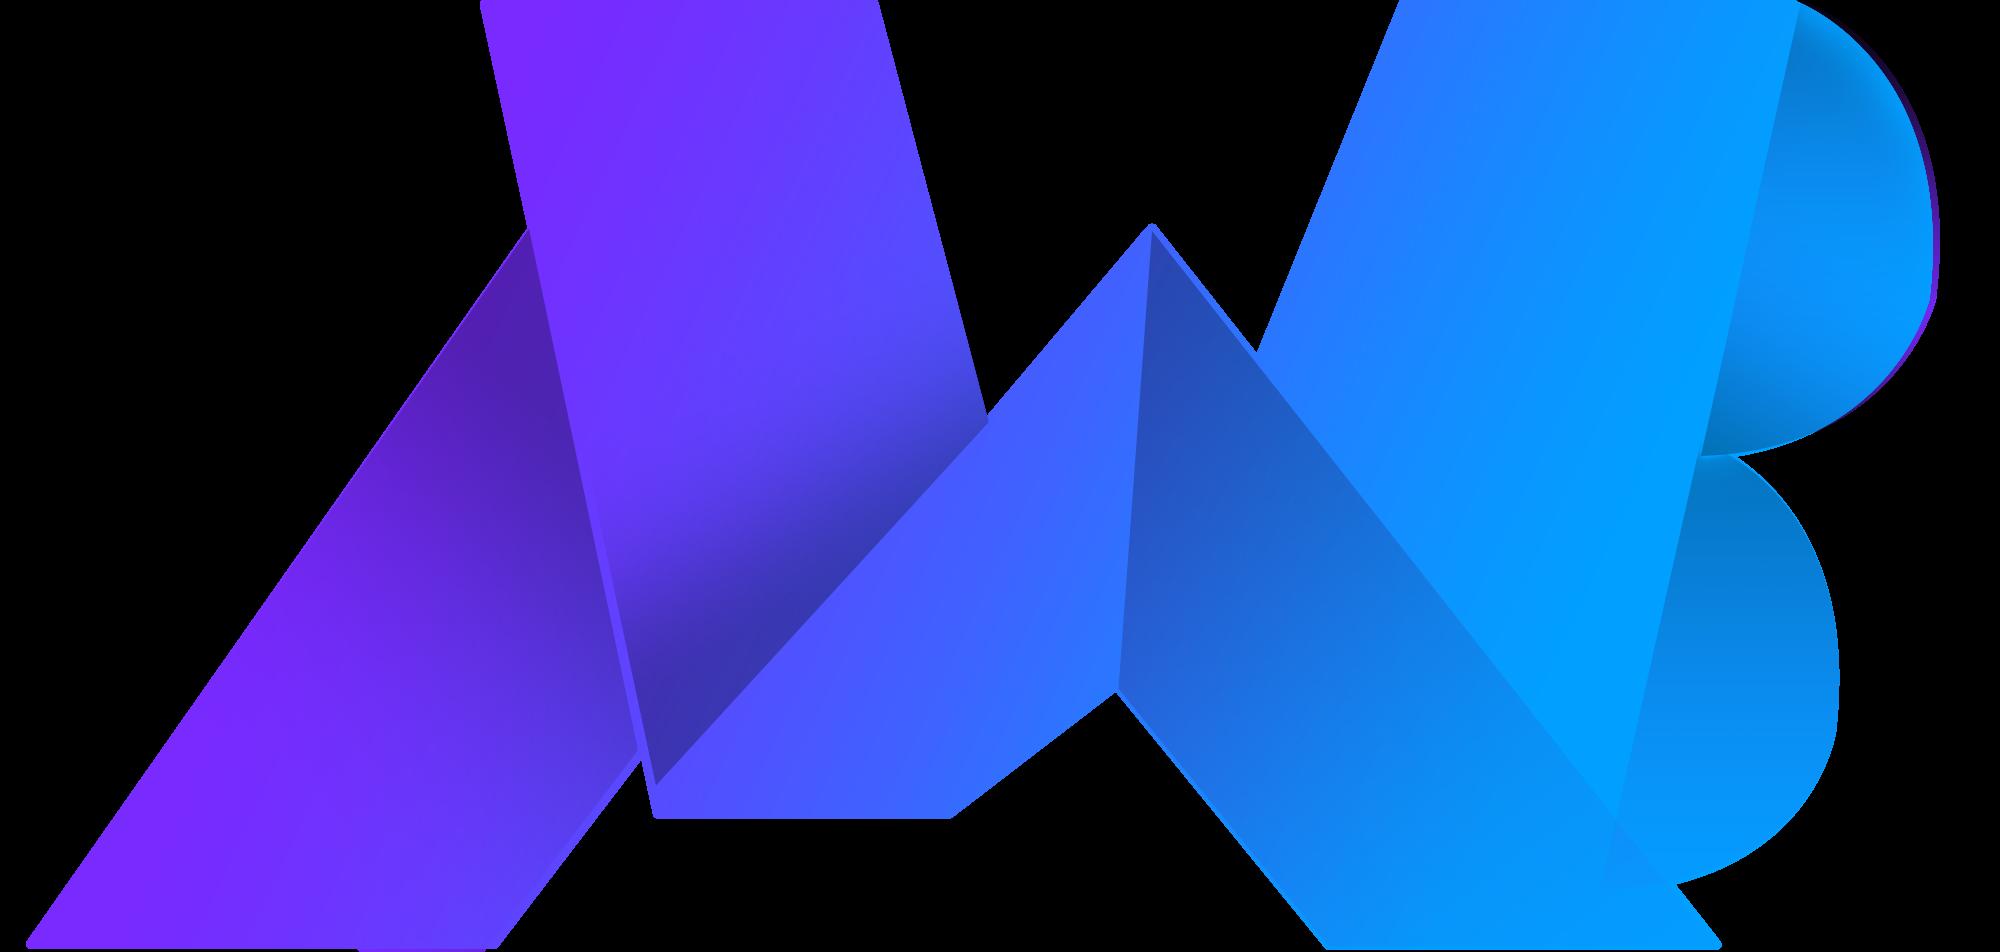 cropped makewebbetter documentation logo